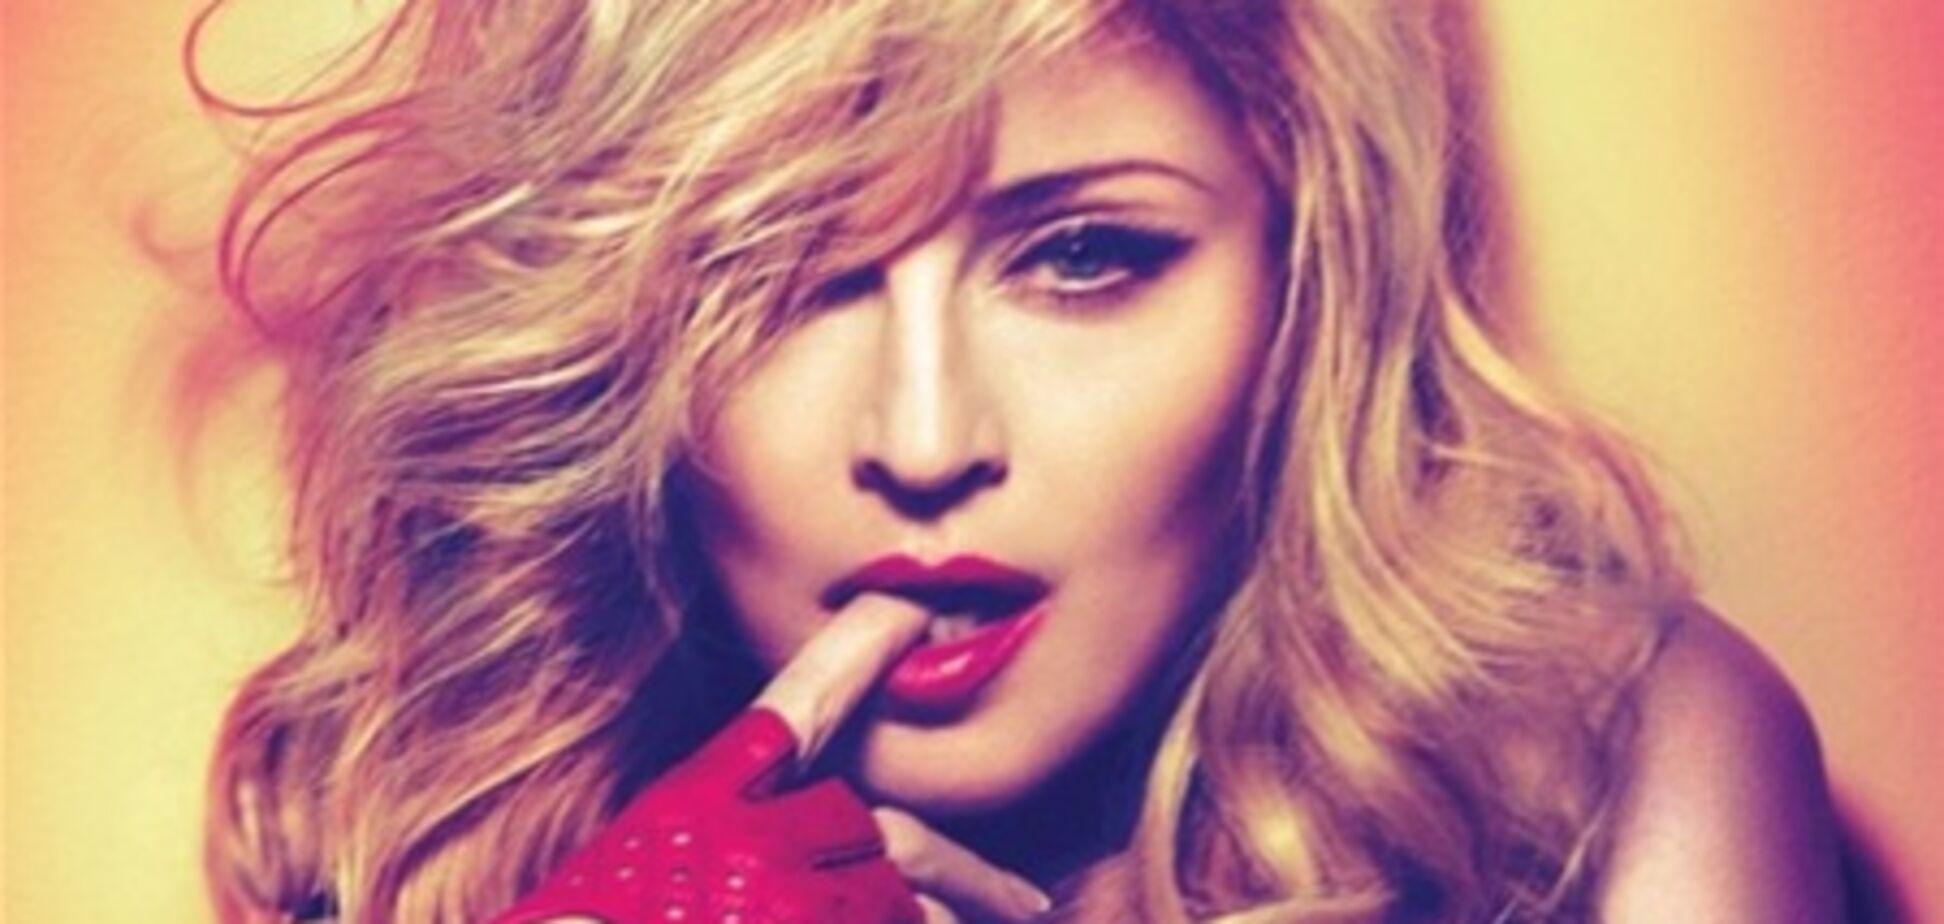 Мадонна не может продать свой особняк. Фото